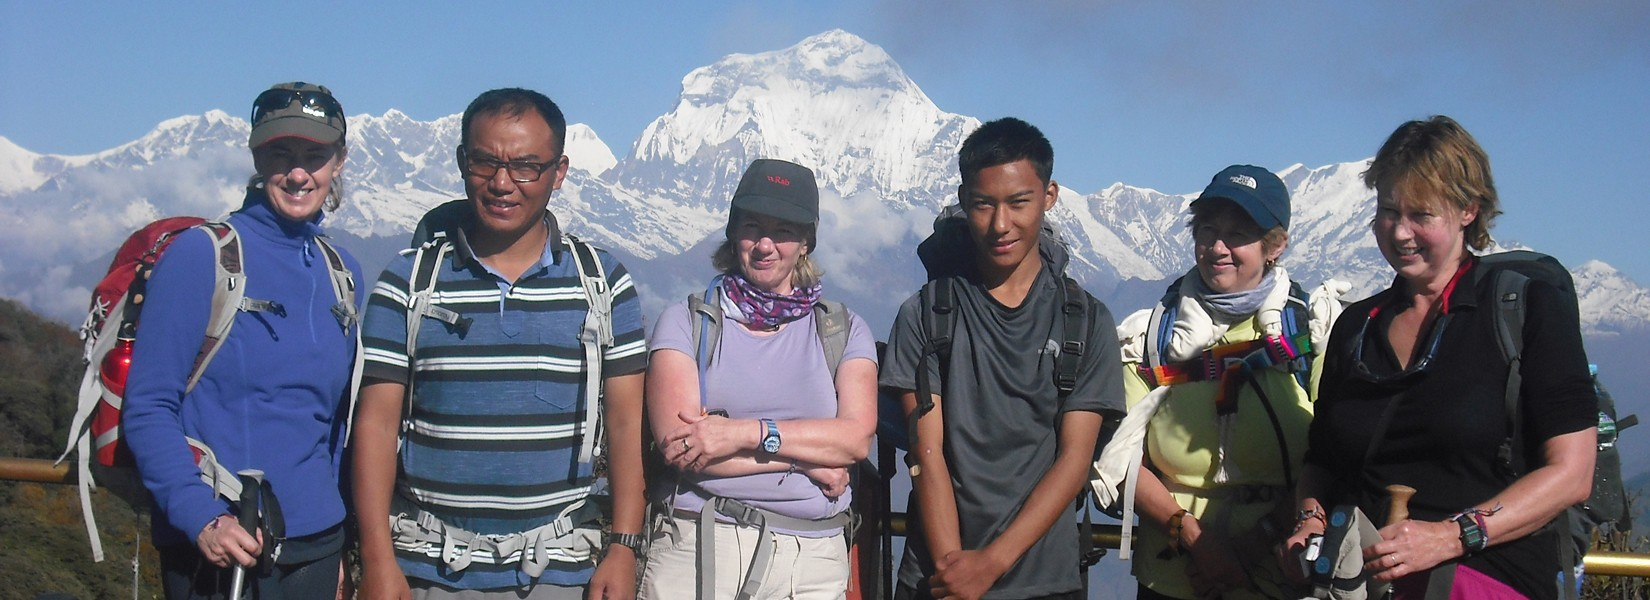 Annapurna Hidden Trail Trekking